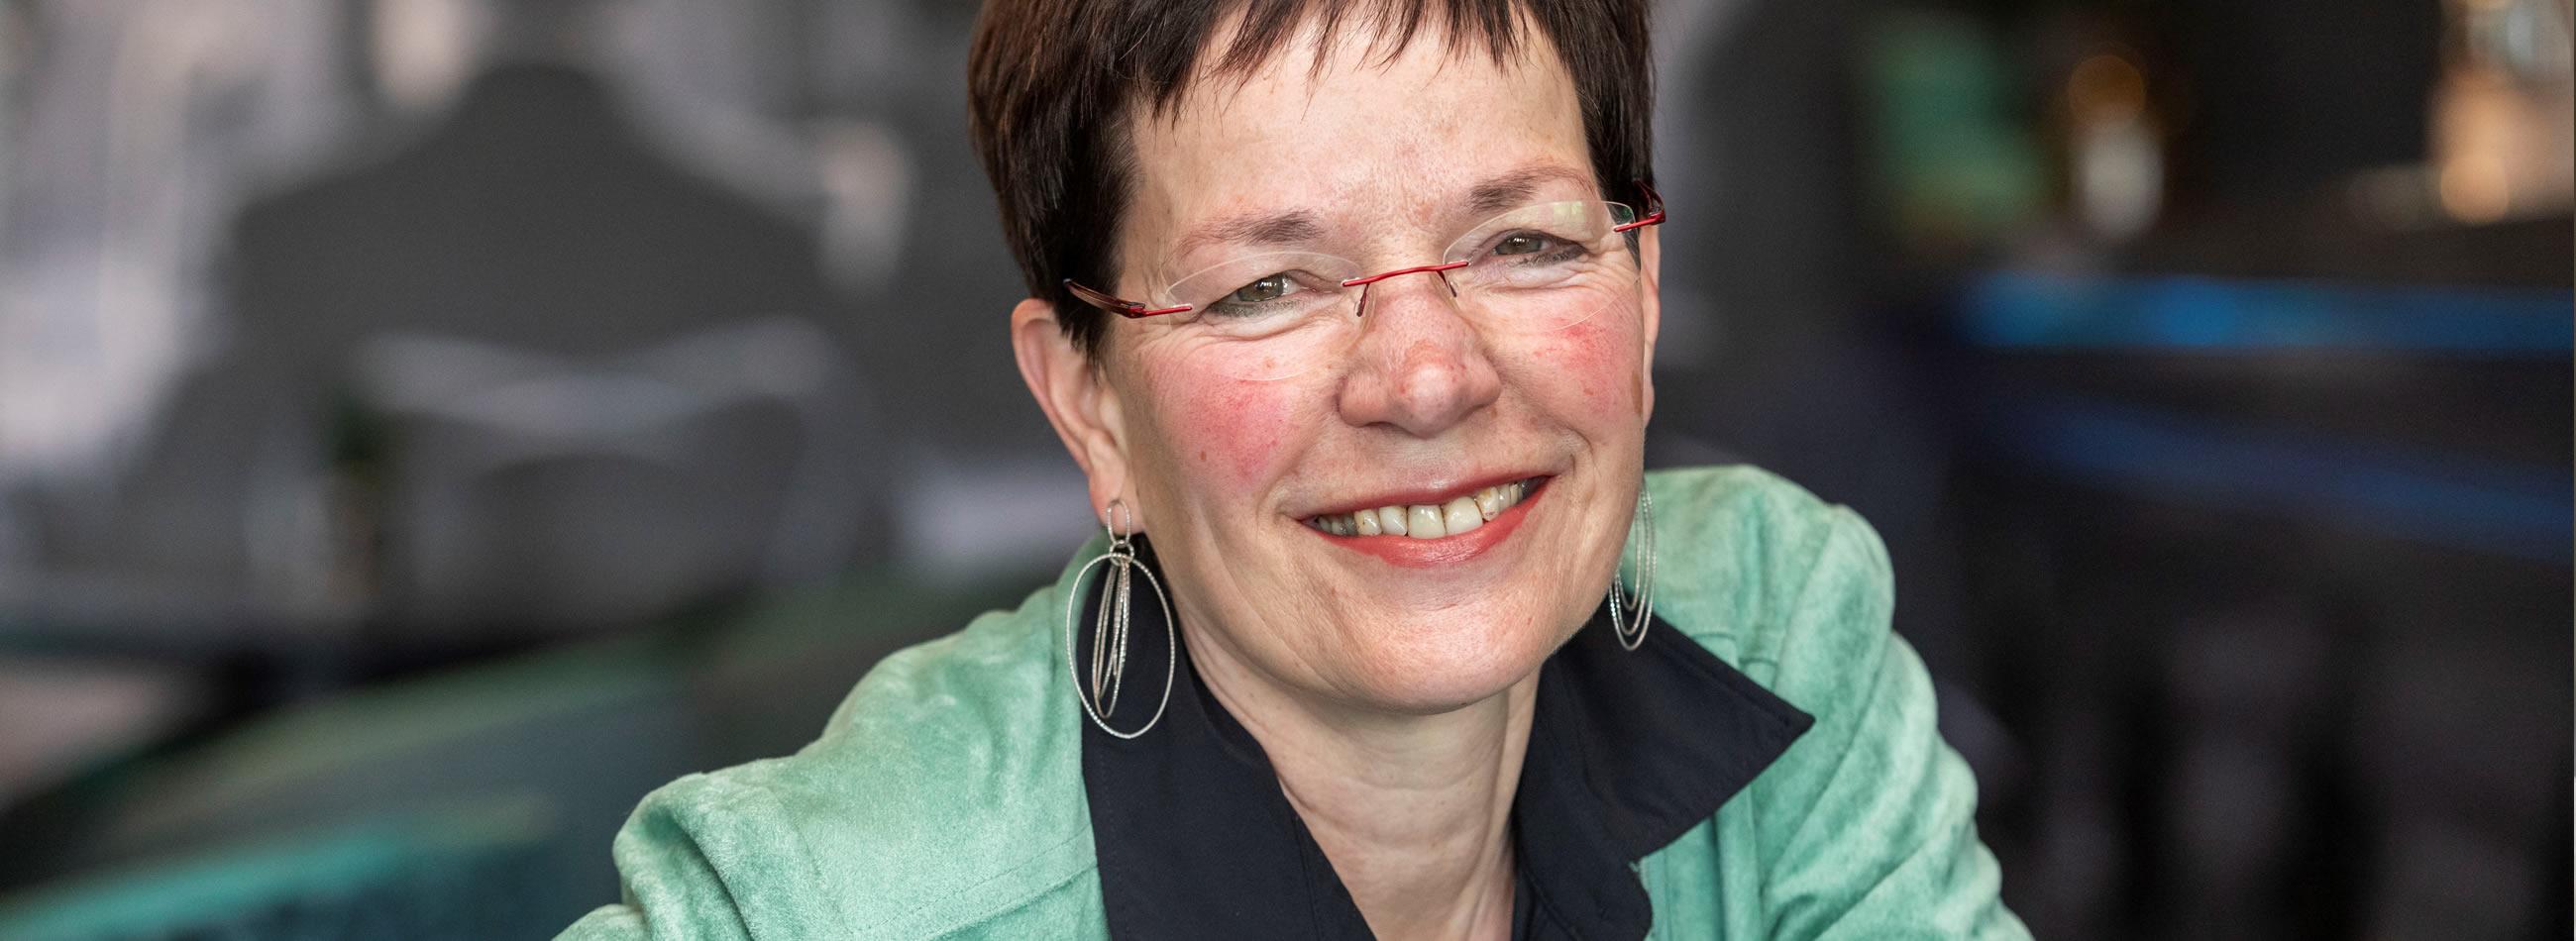 5 stappen naar leiderschap - Sonja van Beveren